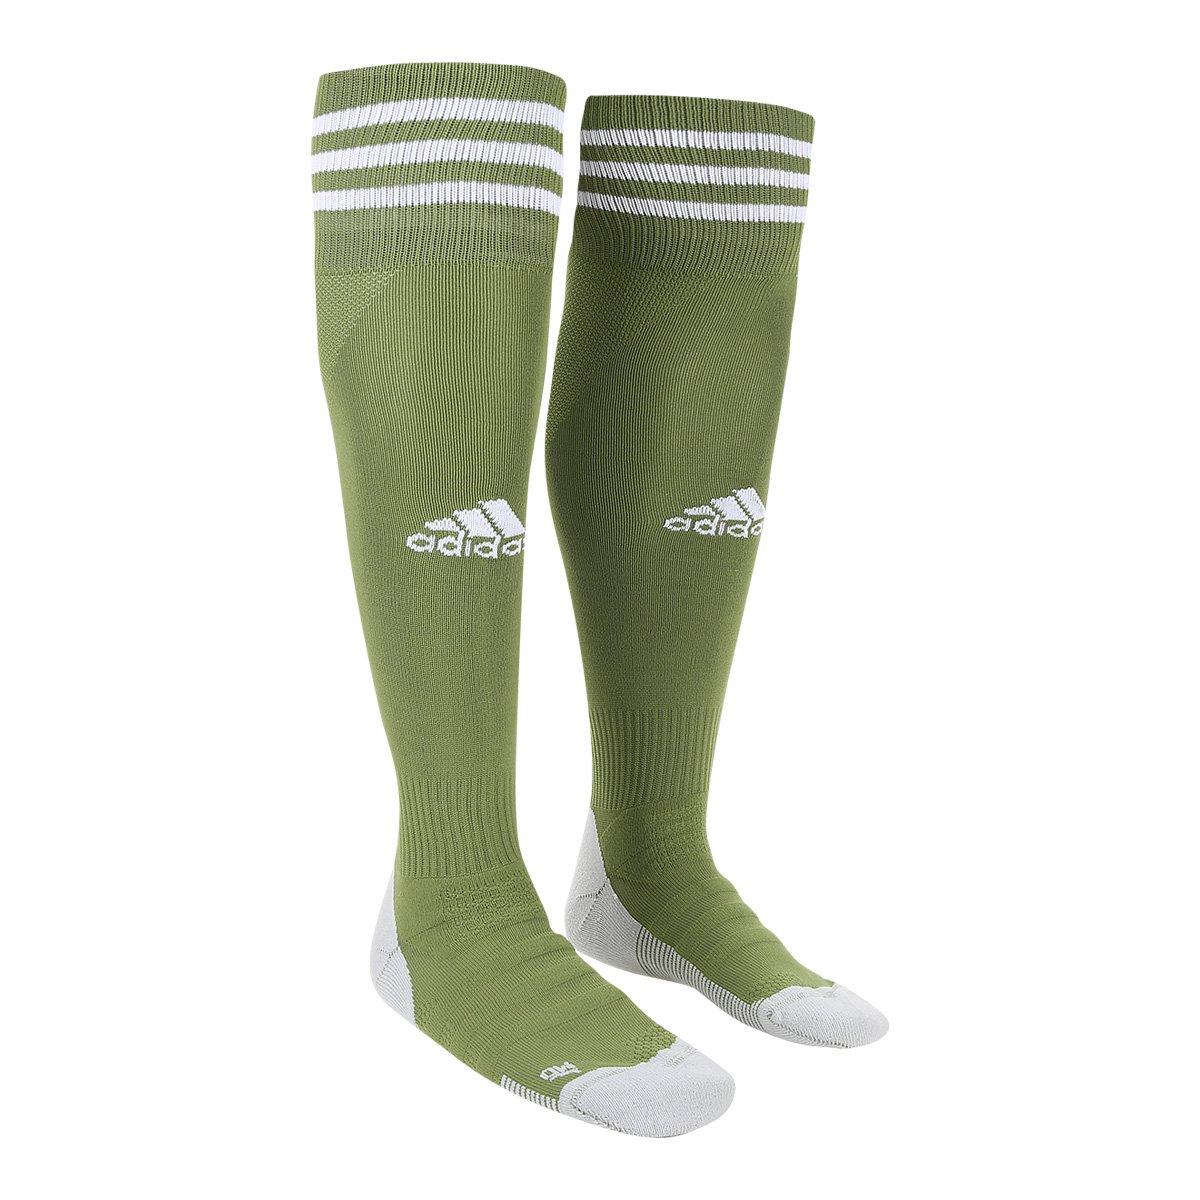 f64257f266 Meião Adidas Aditop 18 - Verde - Compre Agora